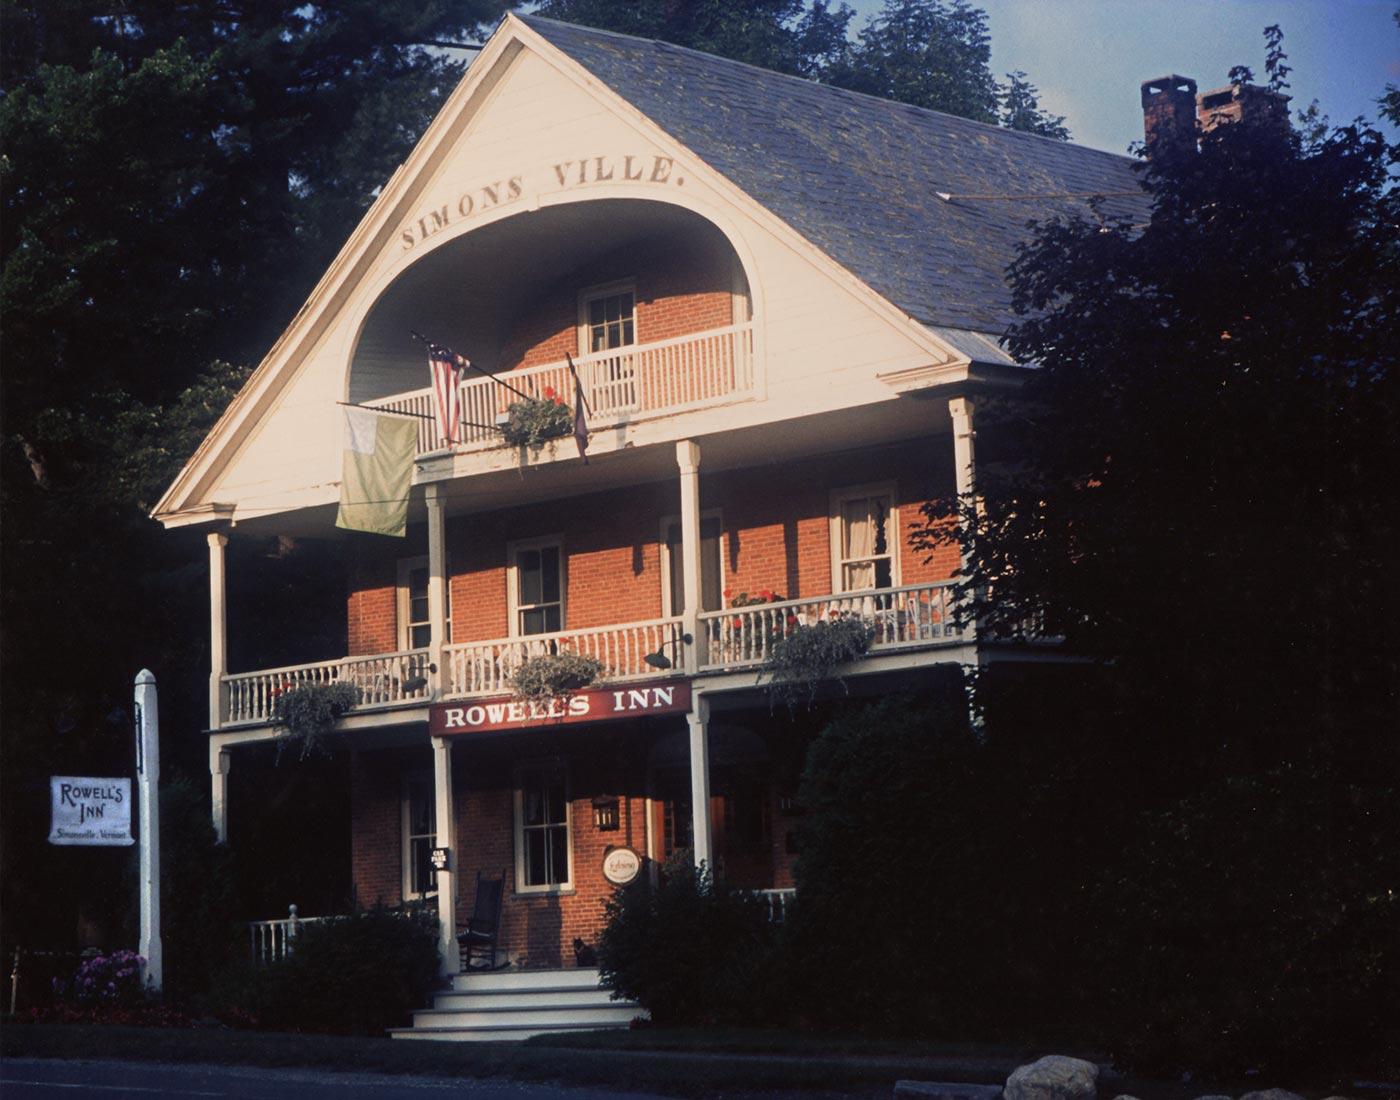 Rowell's Inn - Circa 1996